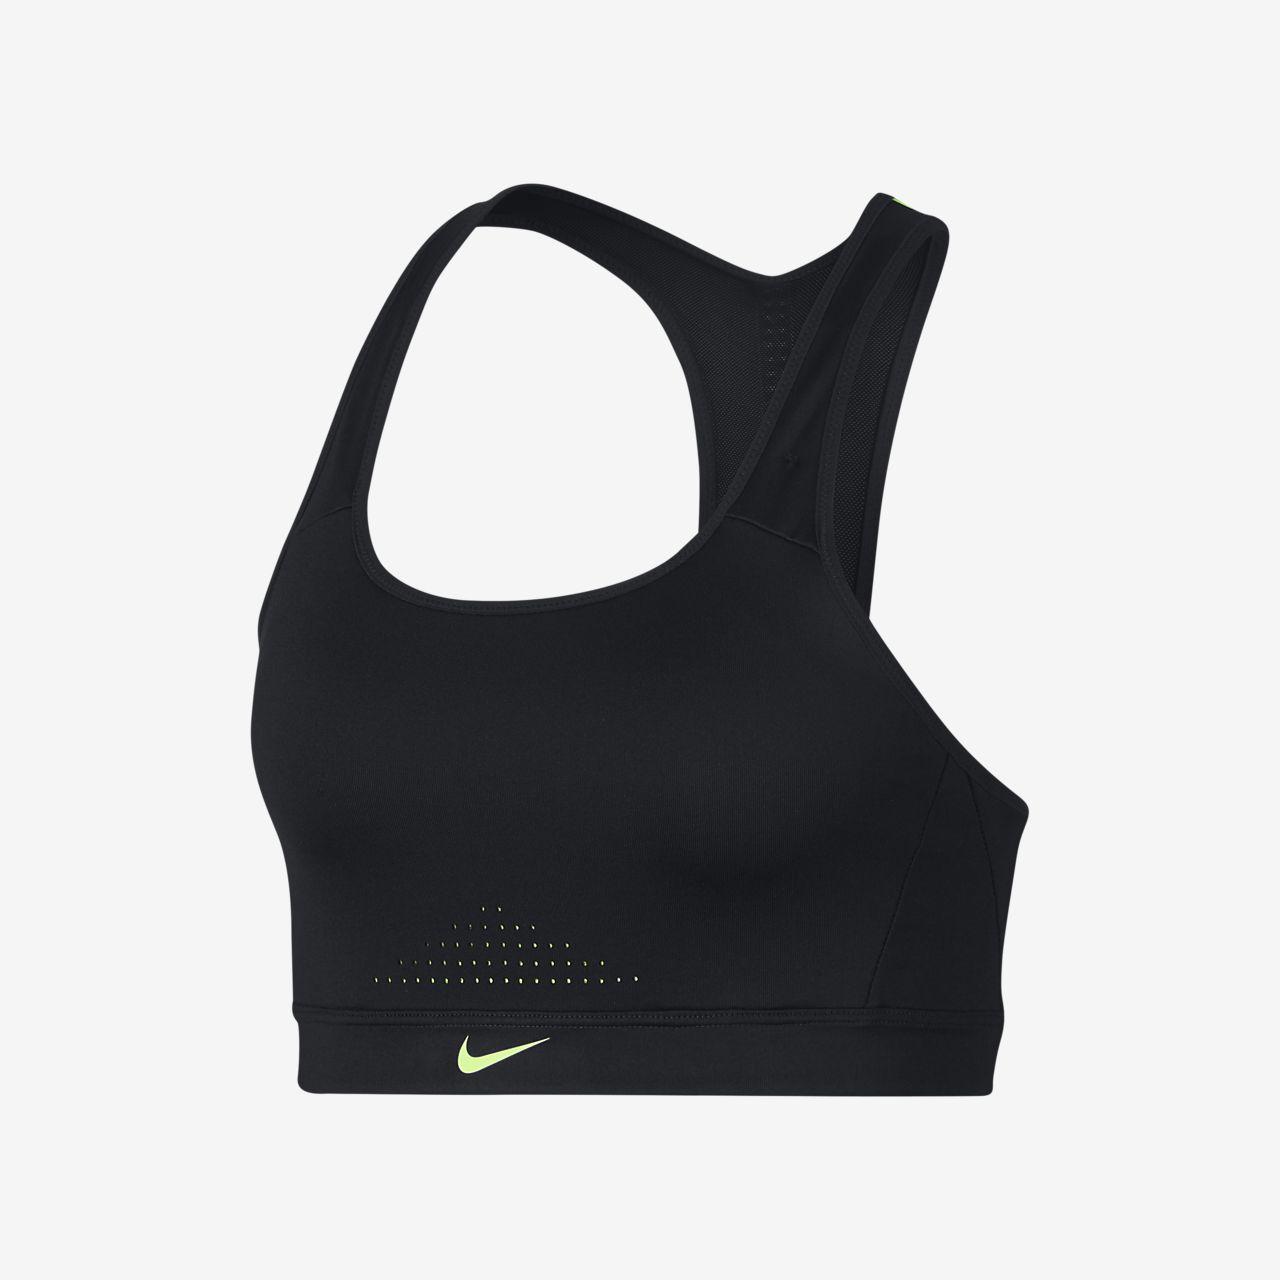 Nike Impact-sports-bh med højt støtteniveau til kvinder